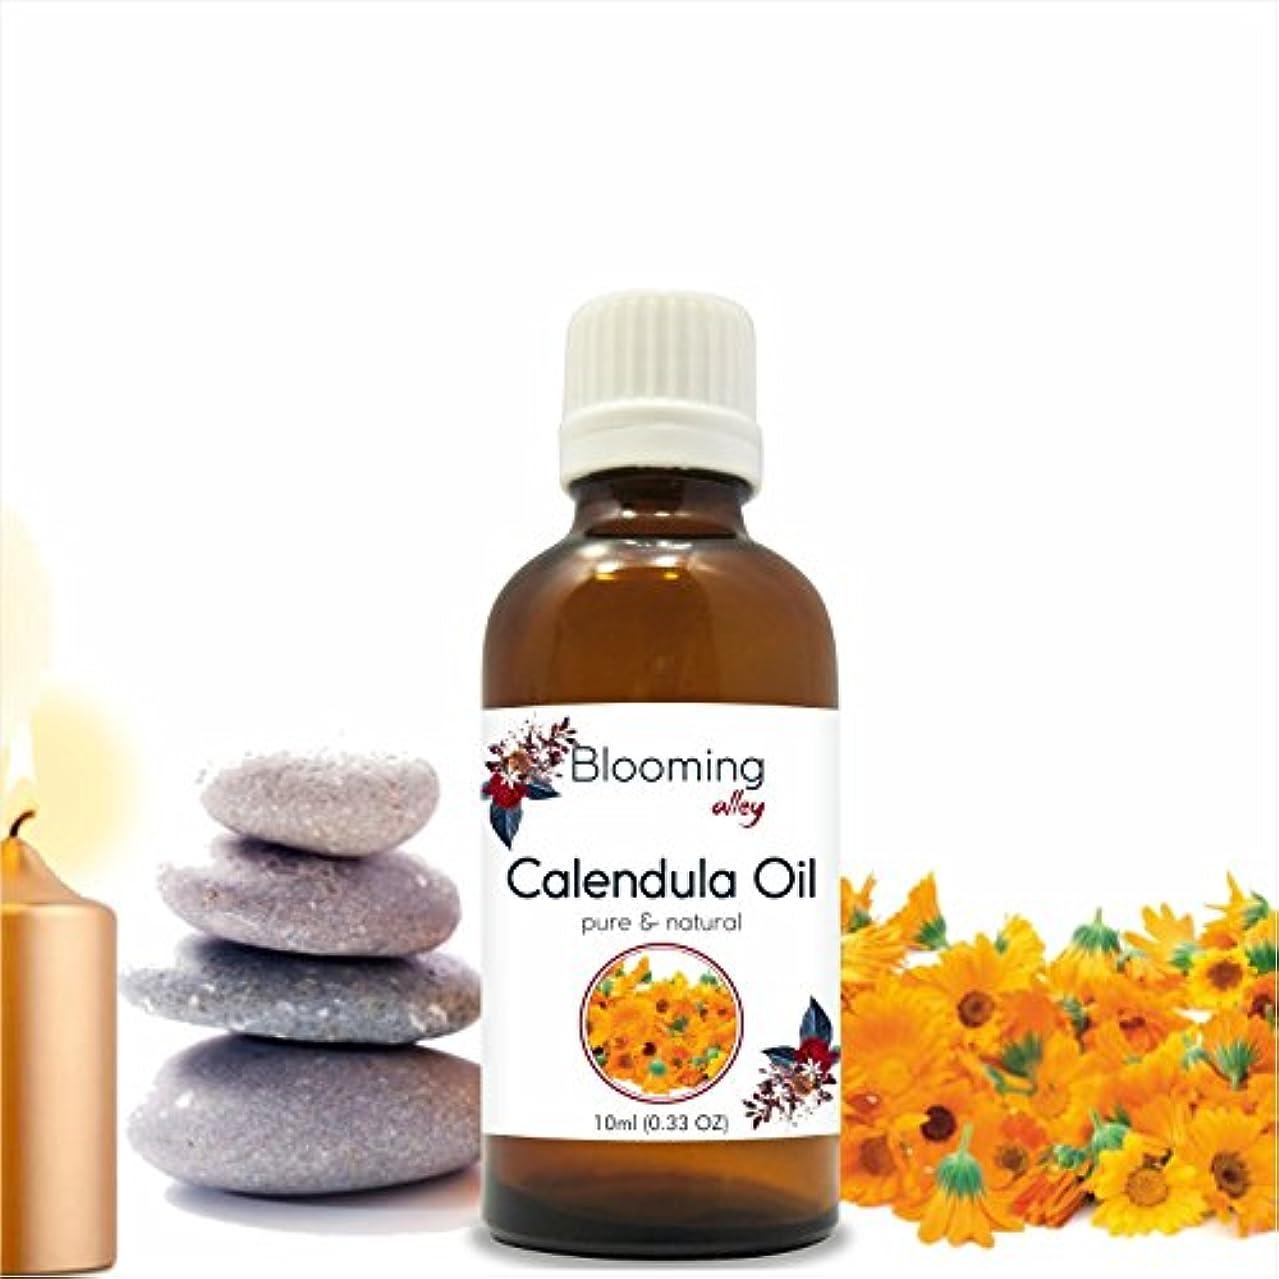 タイムリーななだめる炭水化物Calendula Oil (Calendula Officinalis) Essential Oil 10 ml or 0.33 Fl Oz by Blooming Alley